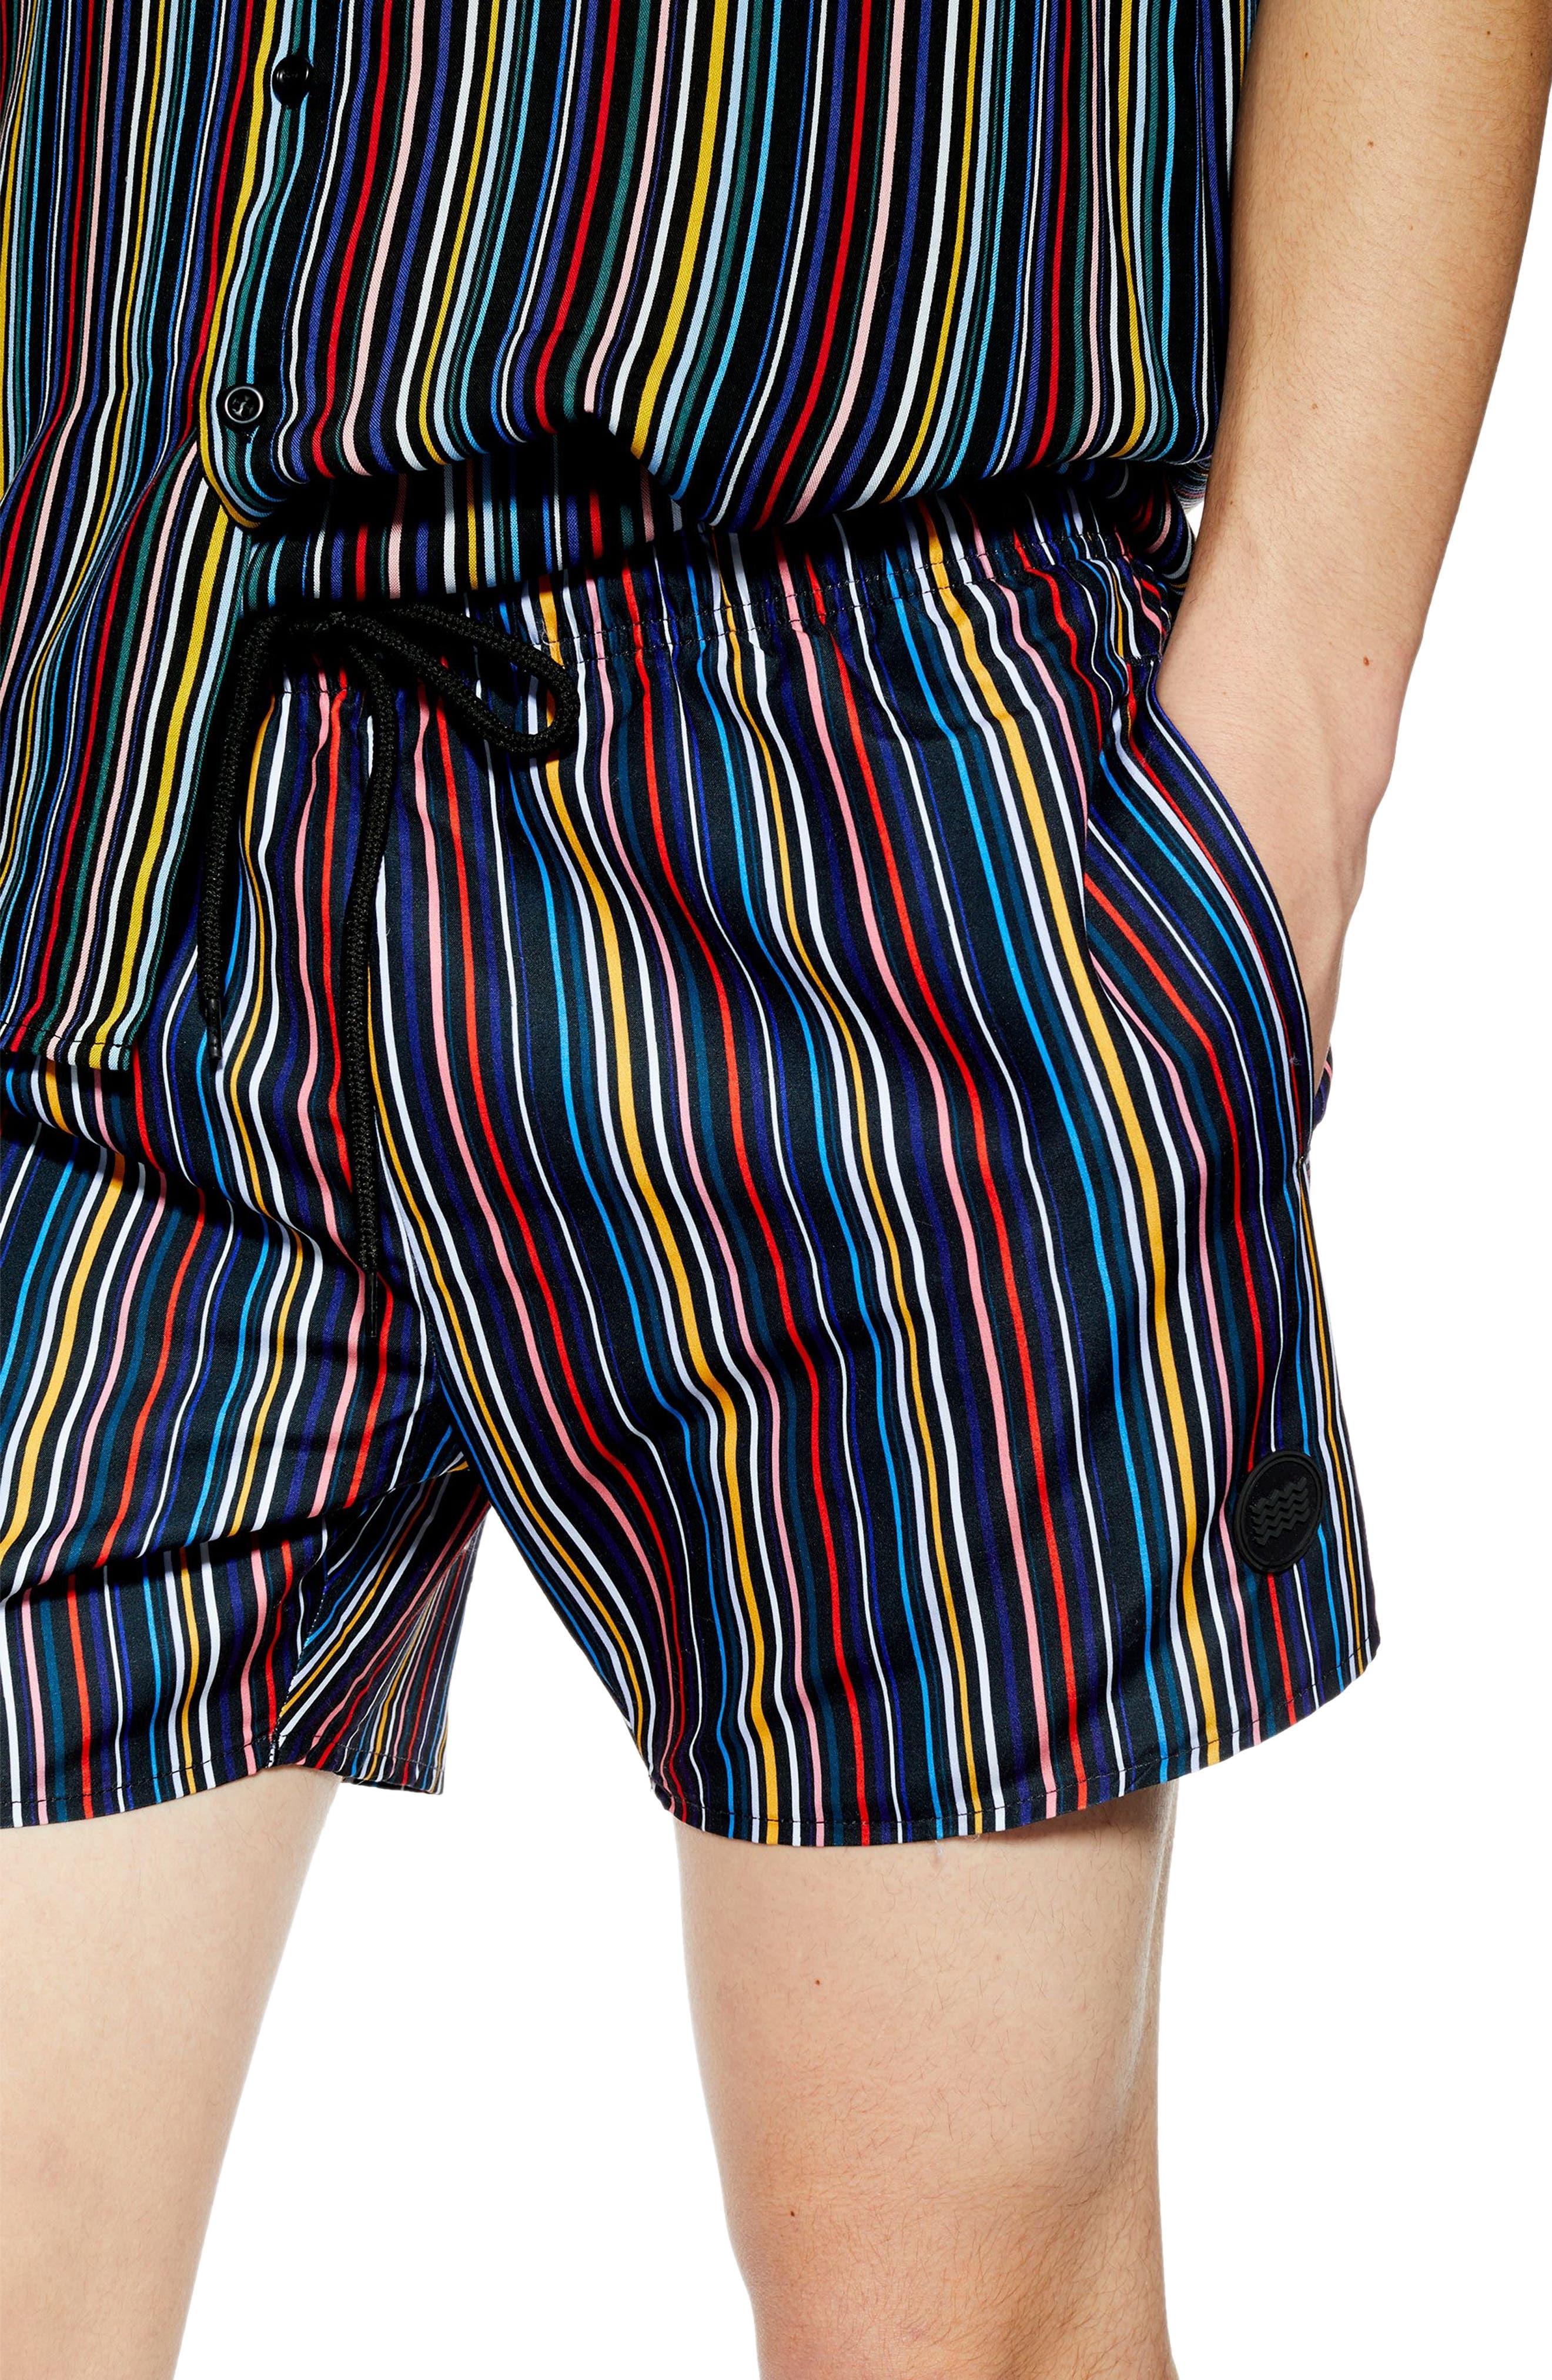 TOPMAN, Pinstripe Swim Shorts, Alternate thumbnail 3, color, BLACK MULTI